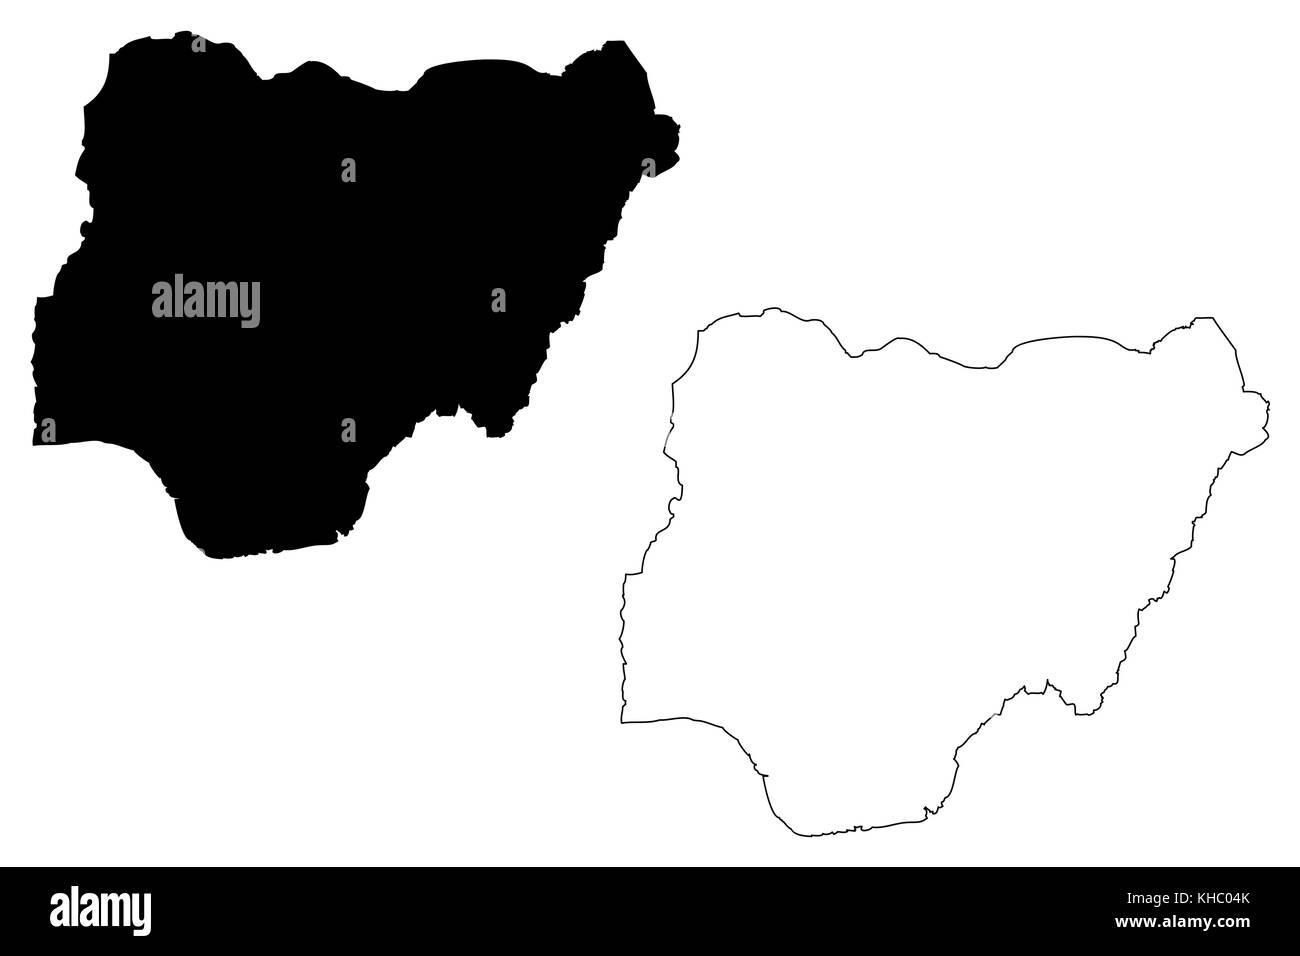 Nigeria map vector illustration, scribble sketch Federal Republic of Nigeria - Stock Image